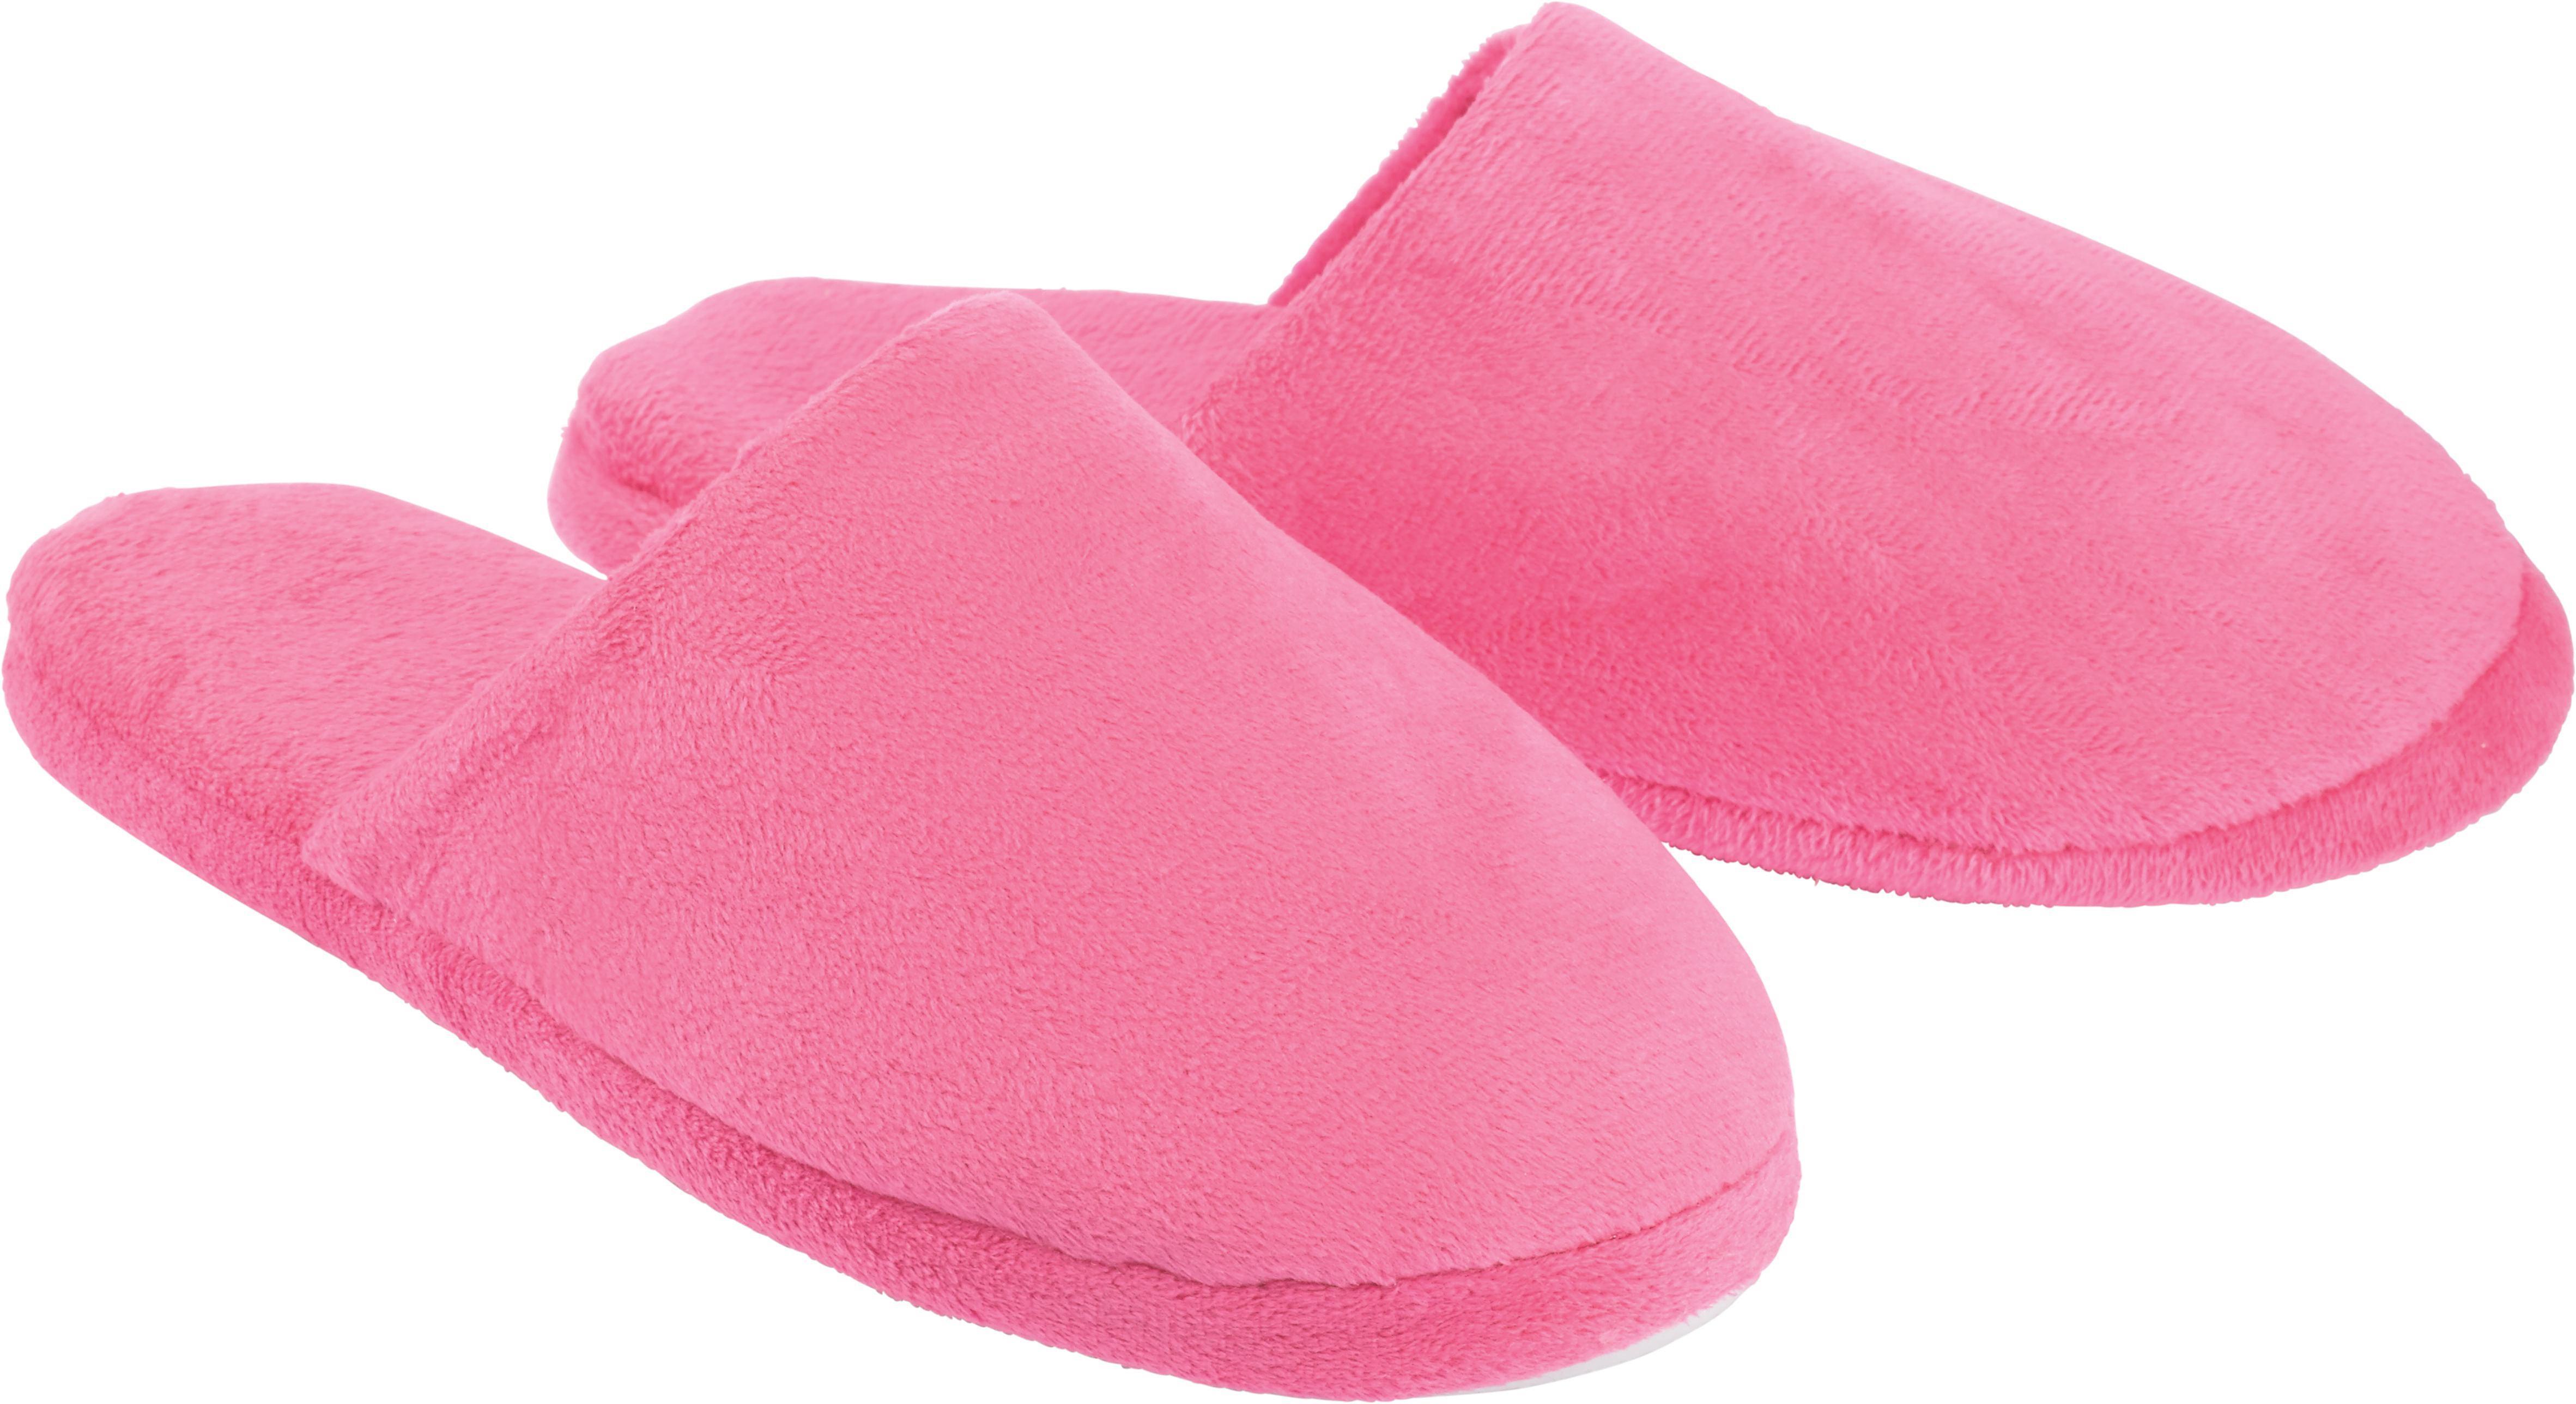 Vendégpapucs Lisi - világosszürke/pink, textil - MÖMAX modern living